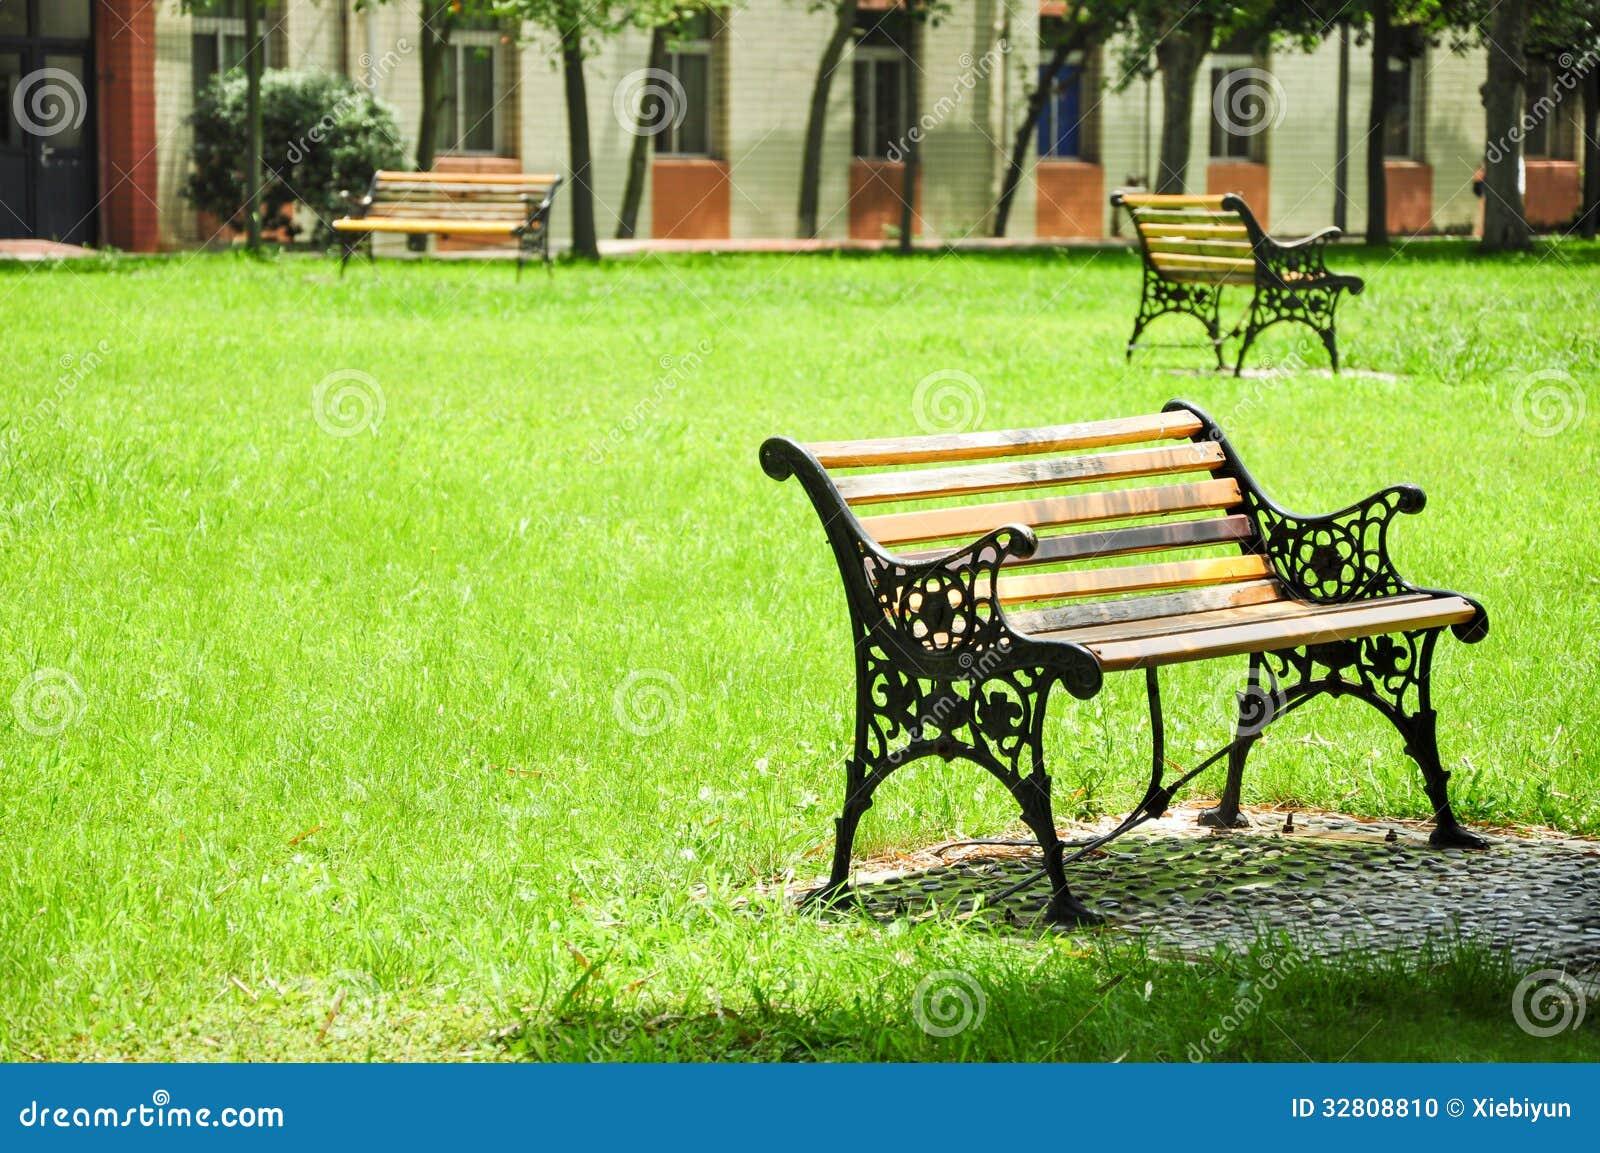 Public Park Benches Part - 23: Chair Park Public ...